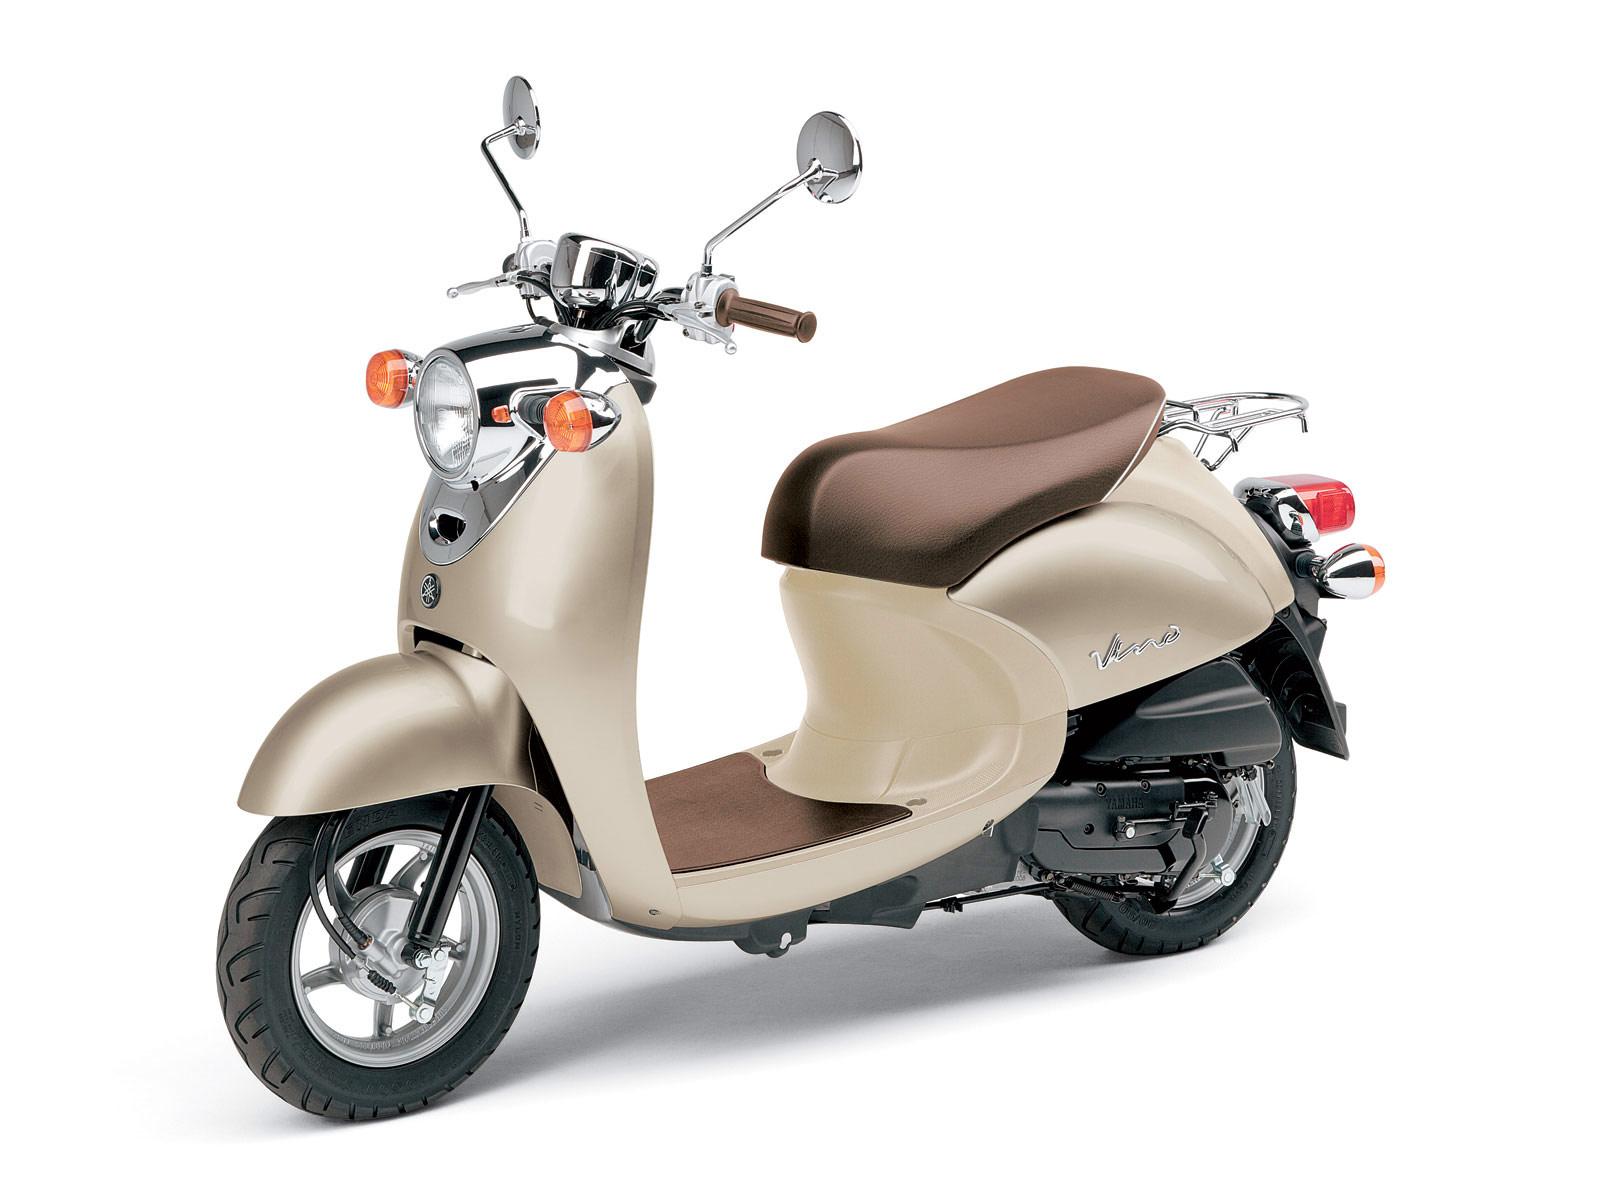 Modif Simple Yamaha X Ride Modifikasi Motor Yamaha